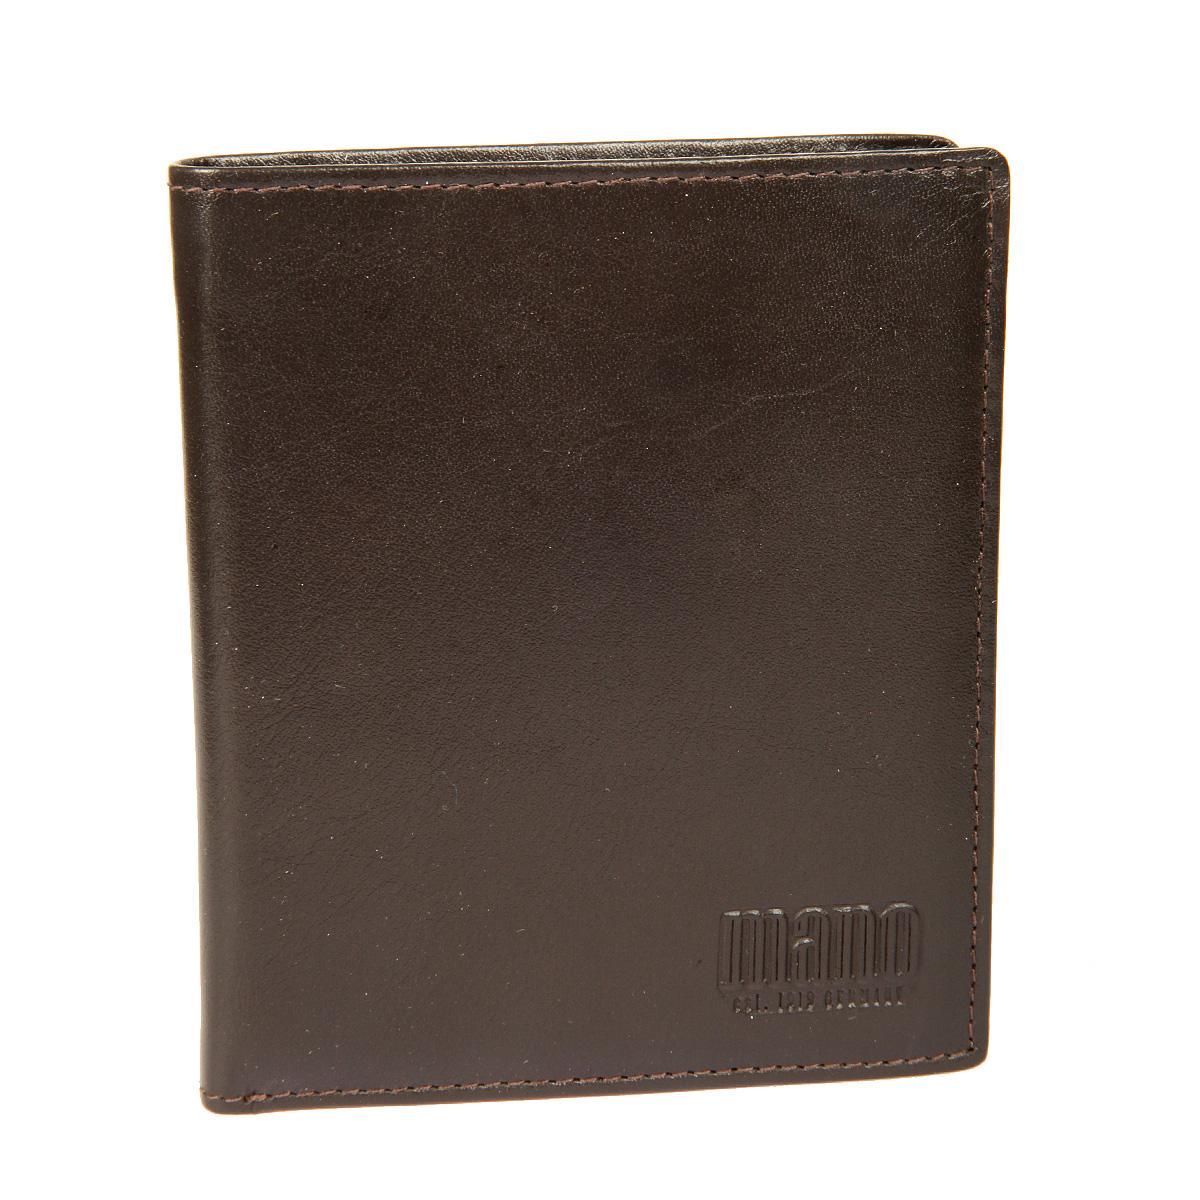 Портмоне мужское Mano, цвет: коричневый. 14660/5INT-06501Стильное мужское портмоне Mano выполнено из натуральной кожи. Изделие оформлено тиснением с названием производителя.Изделие раскладывается пополам. Портмоне содержит два отделения для купюр, девять кармашков для визиток и пластиковых карт (один из них сетчатый карман - окошечко), карман для мелочи на кнопке, сетчатый карман, два боковых кармана и один вертикальный карман для документов. Портмоне упаковано в фирменную картонную коробку. Такое портмоне станет отличным подарком для человека, ценящего качественные и стильные вещи.